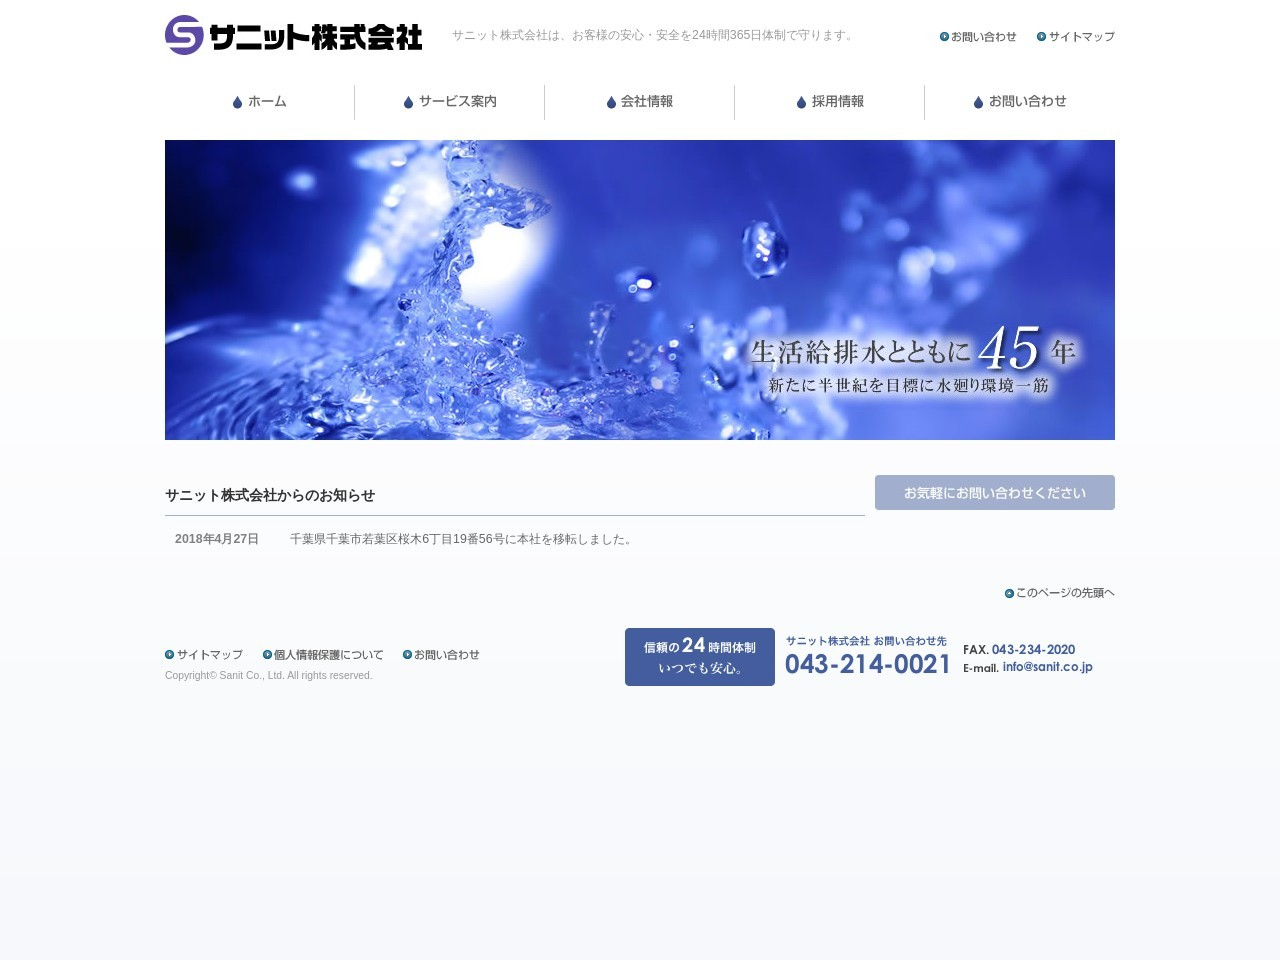 サニット株式会社